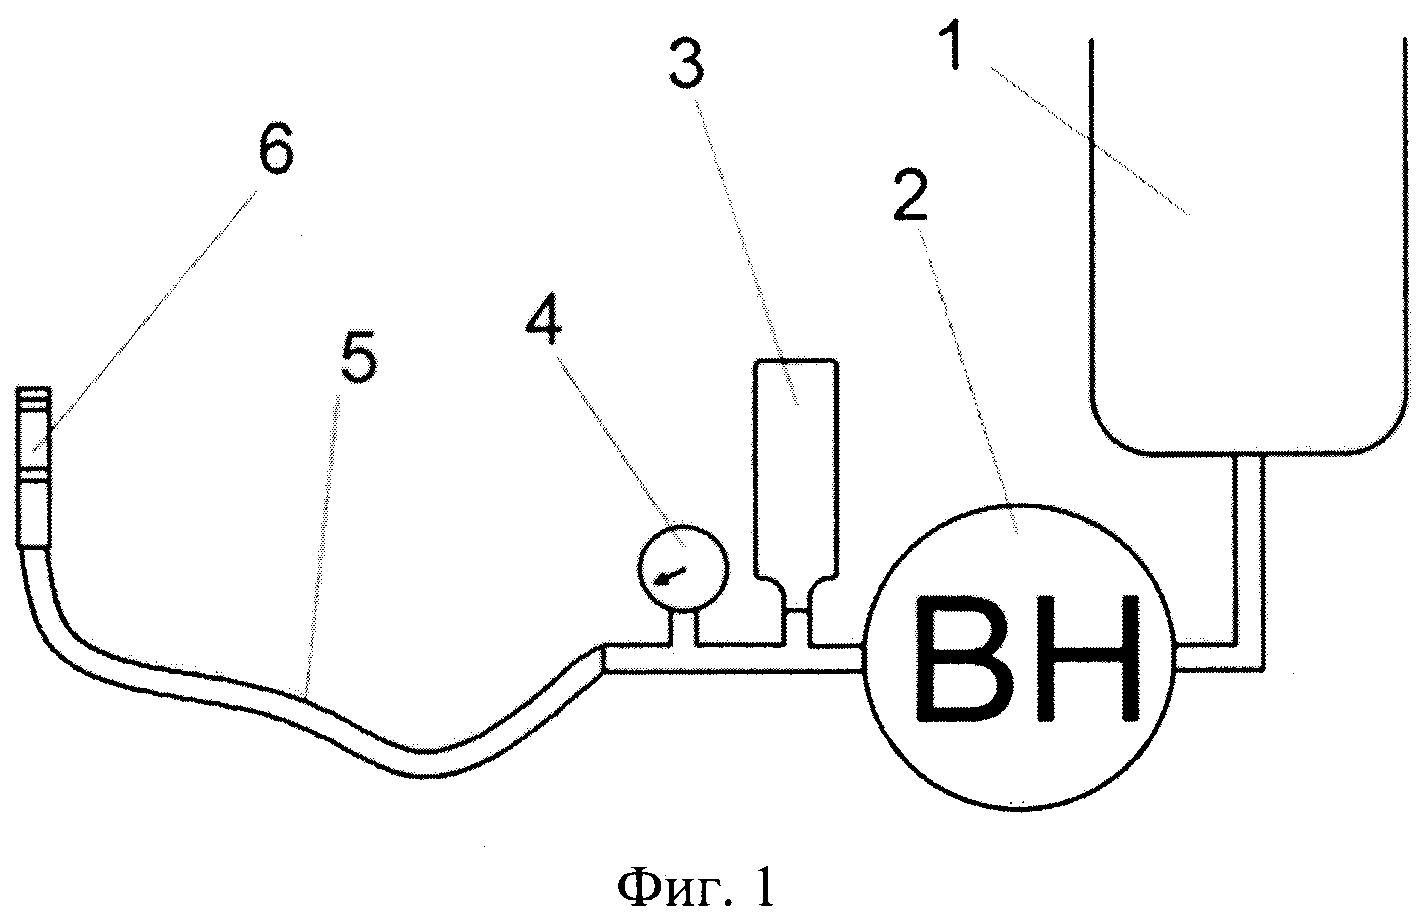 Способ определения водонепроницаемости бетона и устройство для его осуществления